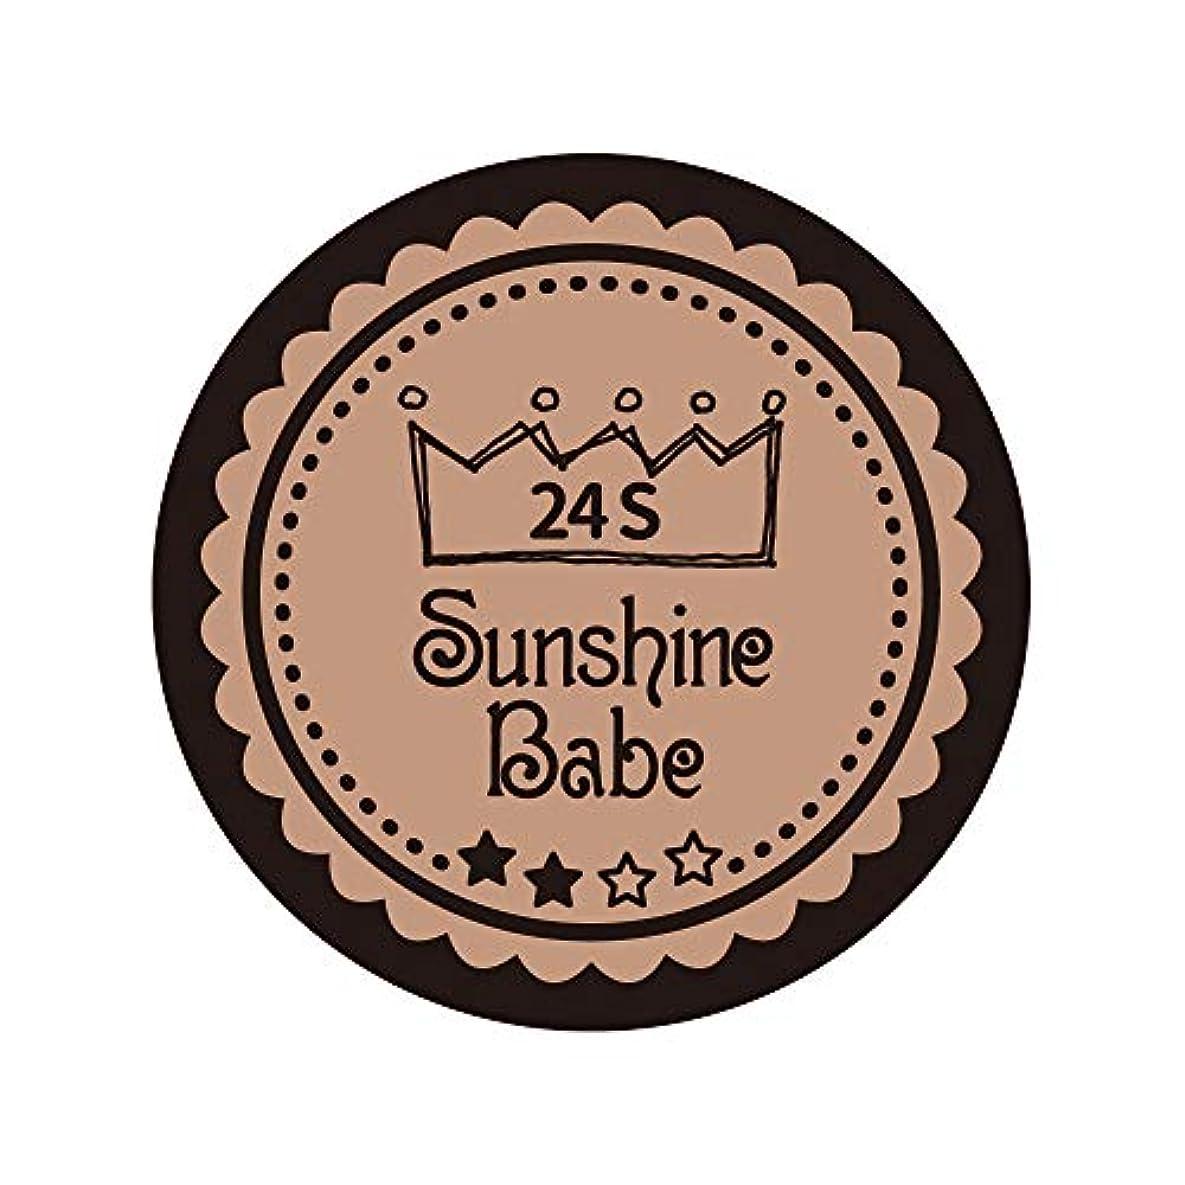 むしゃむしゃ偽善美徳Sunshine Babe カラージェル 24S ベージュローゼ 2.7g UV/LED対応